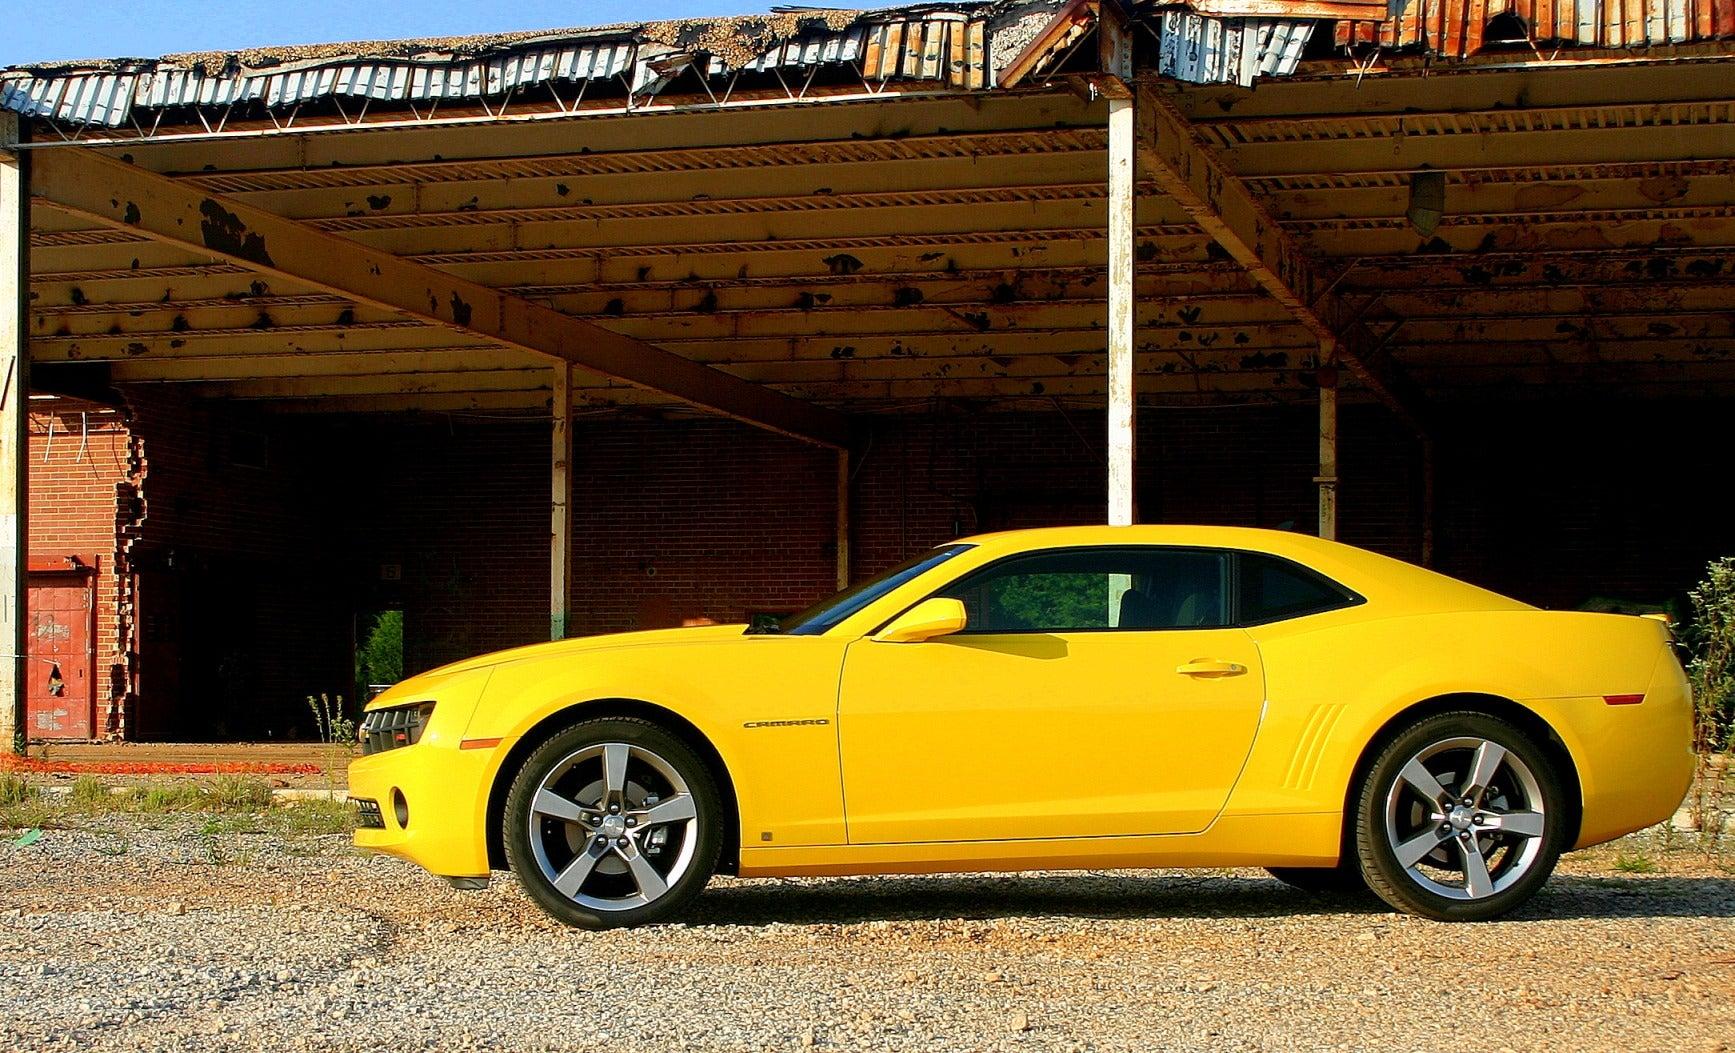 2010 Chevy Camaro 10